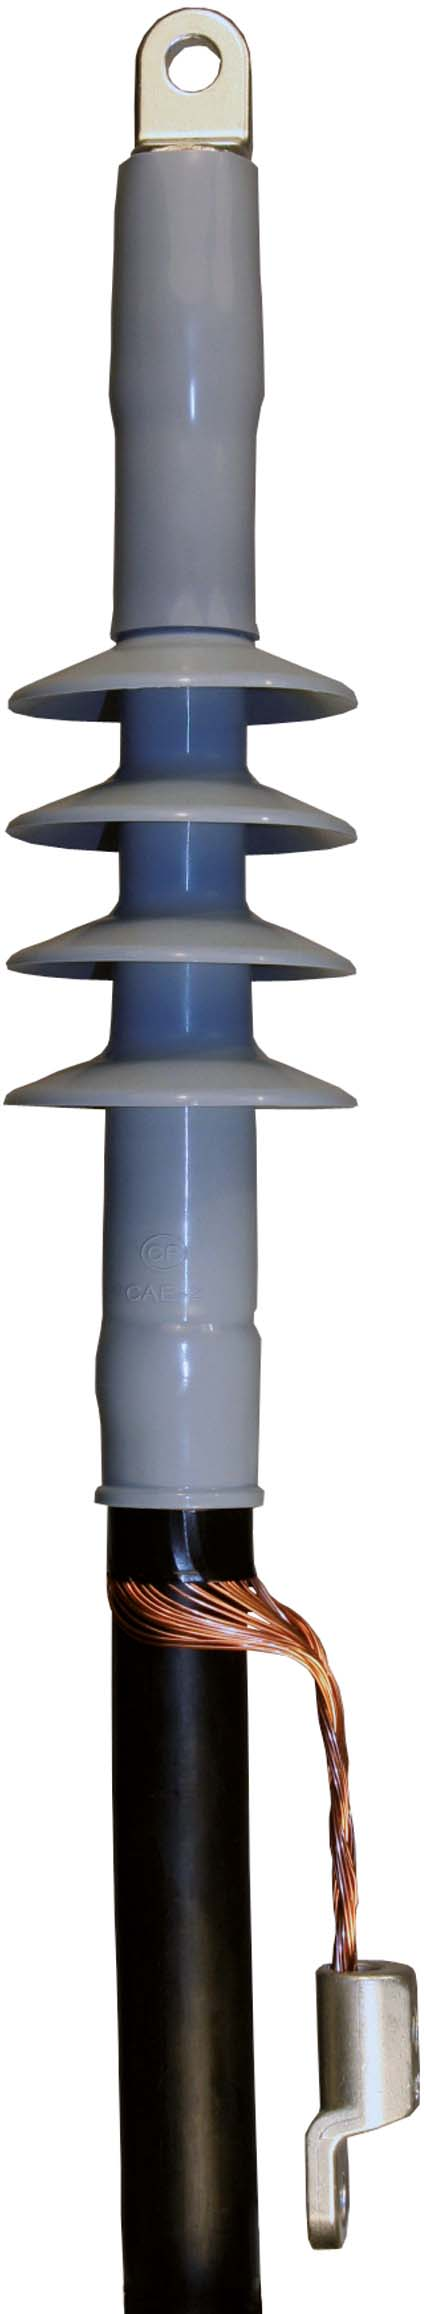 KABELAVSLUT CAE-F 24 70-240